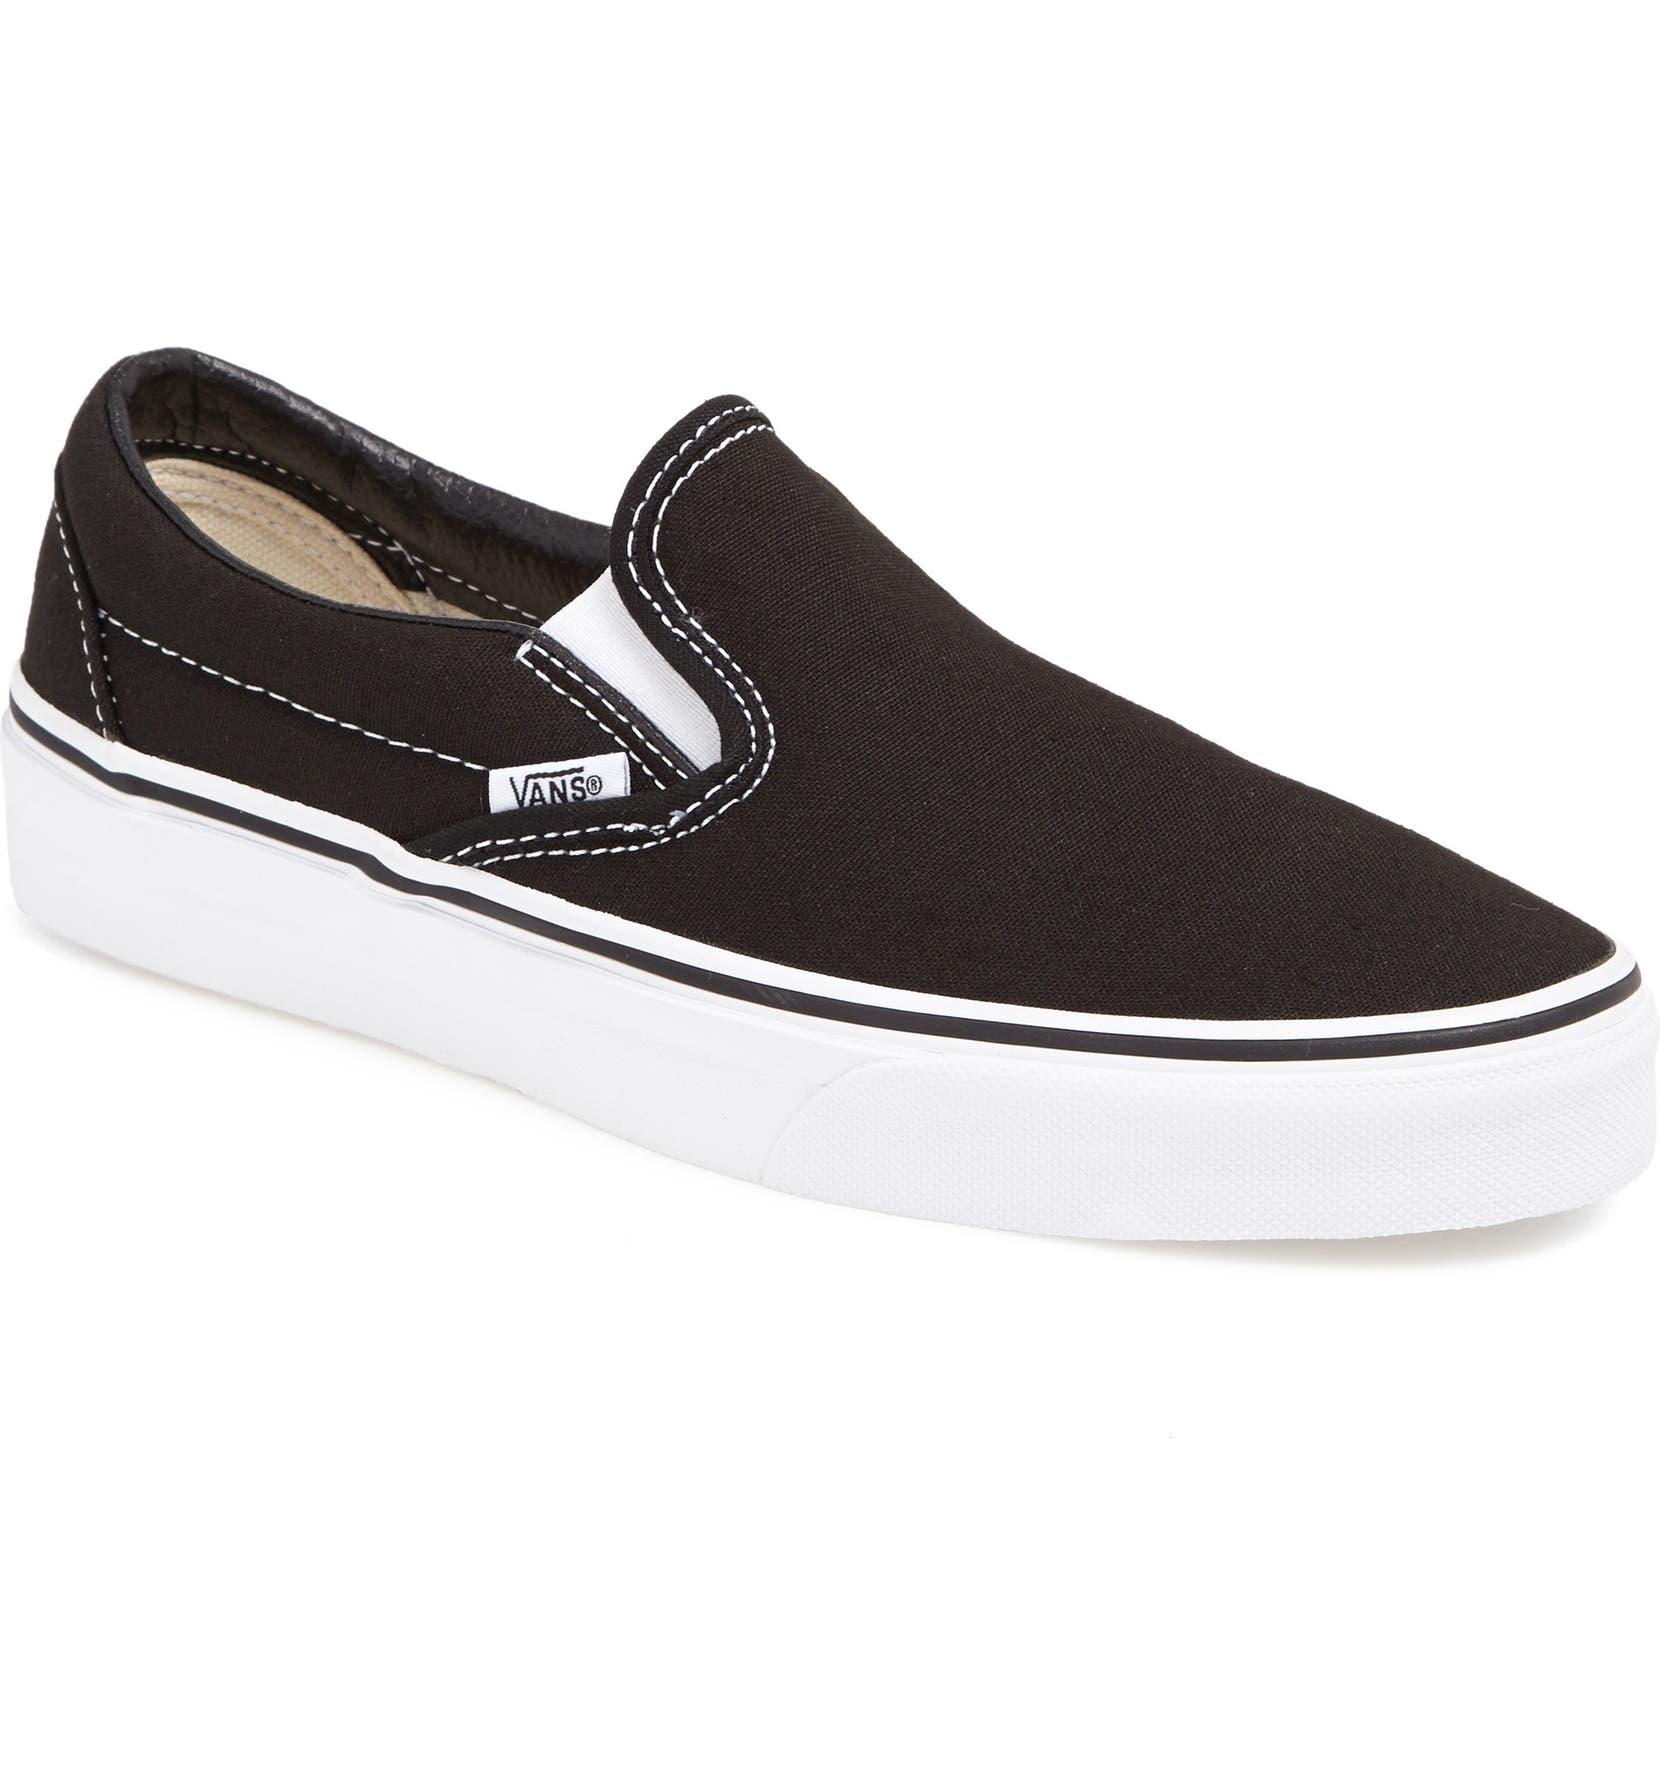 22de7100f8 Vans Classic Slip-On Sneaker (Women) | Nordstrom